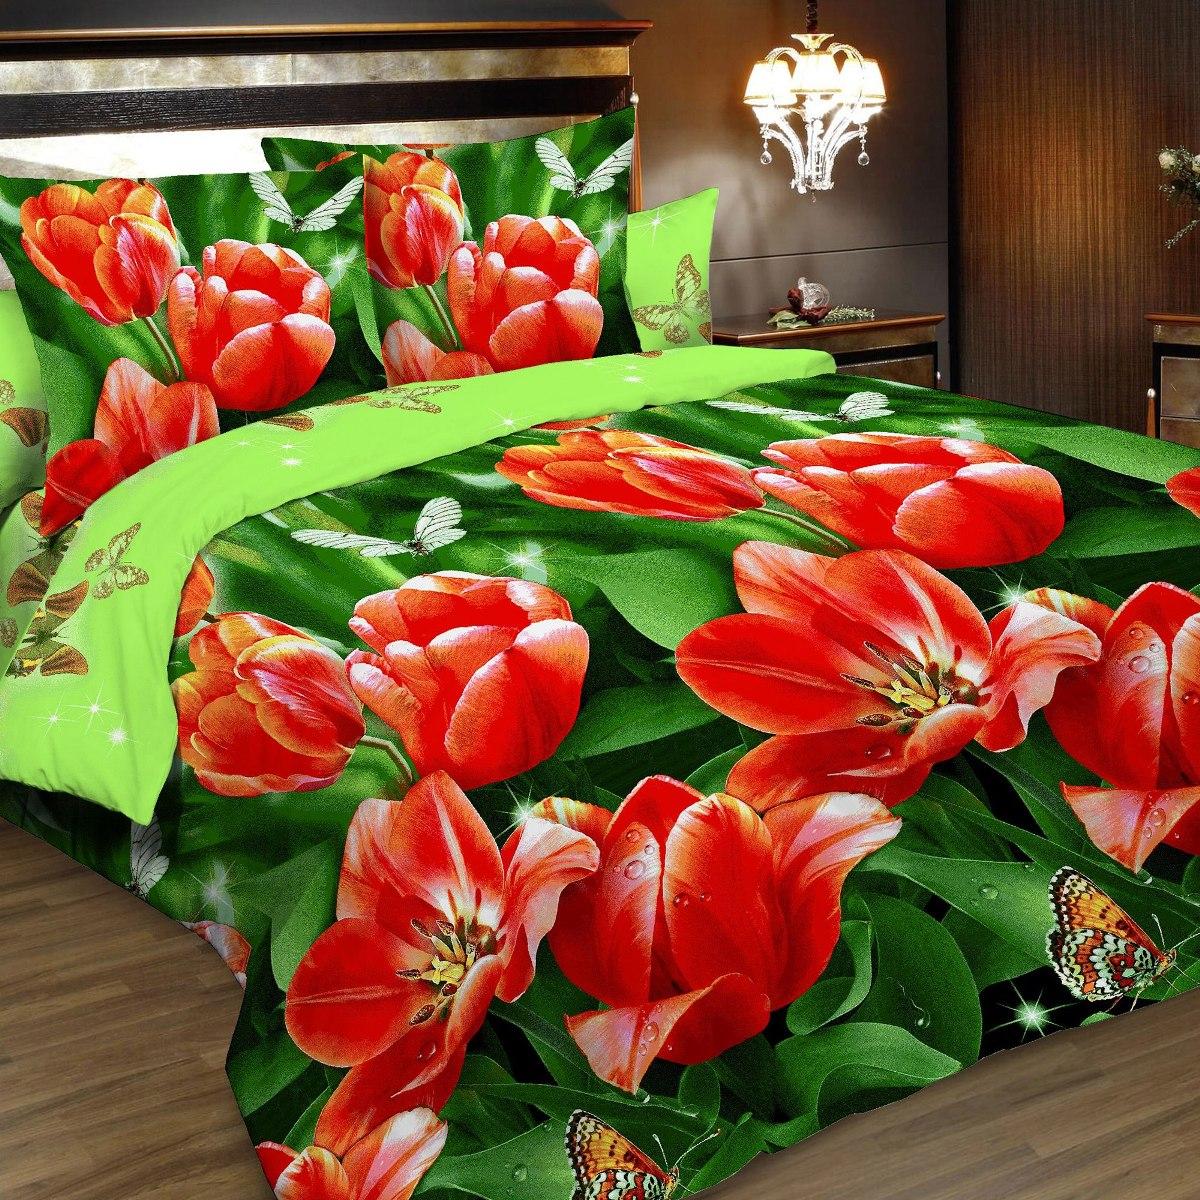 Комплект белья Letto, 2-спальный, наволочки 70х70. B164-4B164-4Комплект постельного белья Letto выполнен из классической российской бязи (хлопка). Комплект состоит из пододеяльника, простыни и двух наволочек. Постельное белье, оформленное ярким 3D изображением тюльпанов, имеет изысканный внешний вид. Пододеяльник снабжен молнией. Благодаря такому комплекту постельного белья вы сможете создать атмосферу роскоши и романтики в вашей спальне. Уважаемые клиенты! Обращаем ваше внимание на тот факт, что расцветка наволочек может отличаться от представленной на фото.